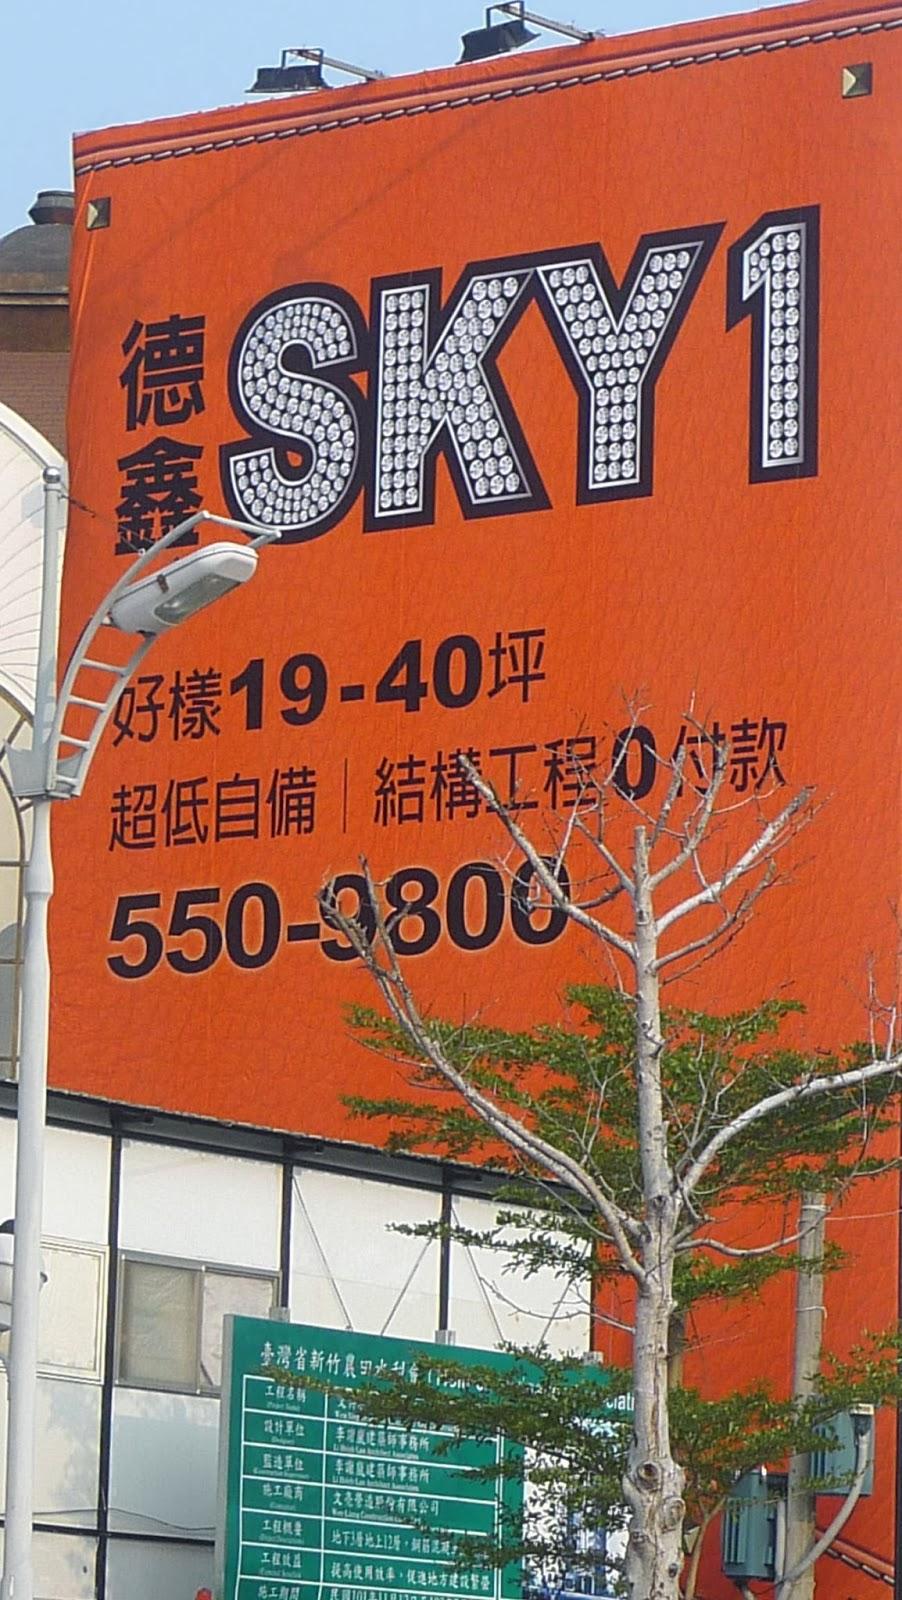 [預售新案] 德鑫 SKY1 廣告看板看板新風貎